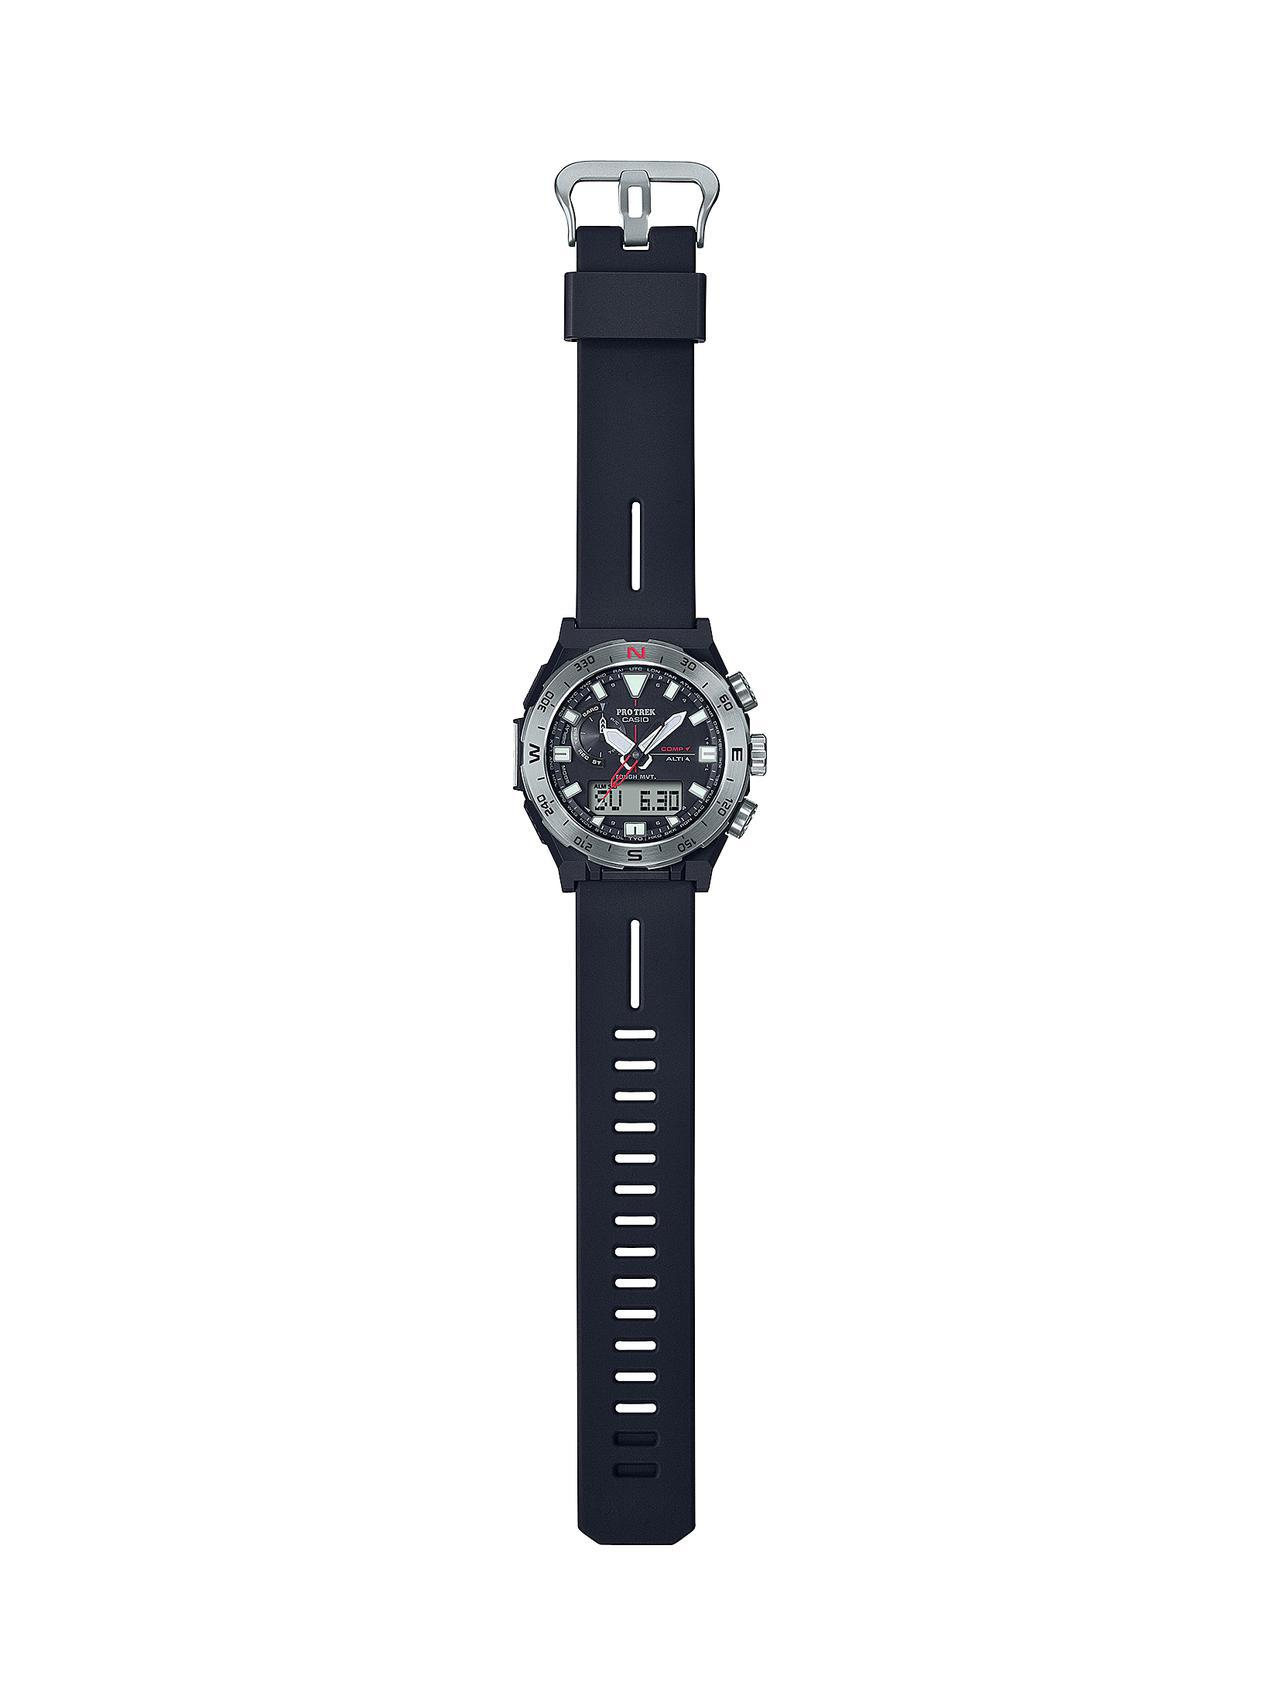 画像2: 方位計測機能に特化したプロトレックの腕時計が新登場! 回転ベゼルを採用、紙の地図との併用を想定した旅するハイテクウォッチ